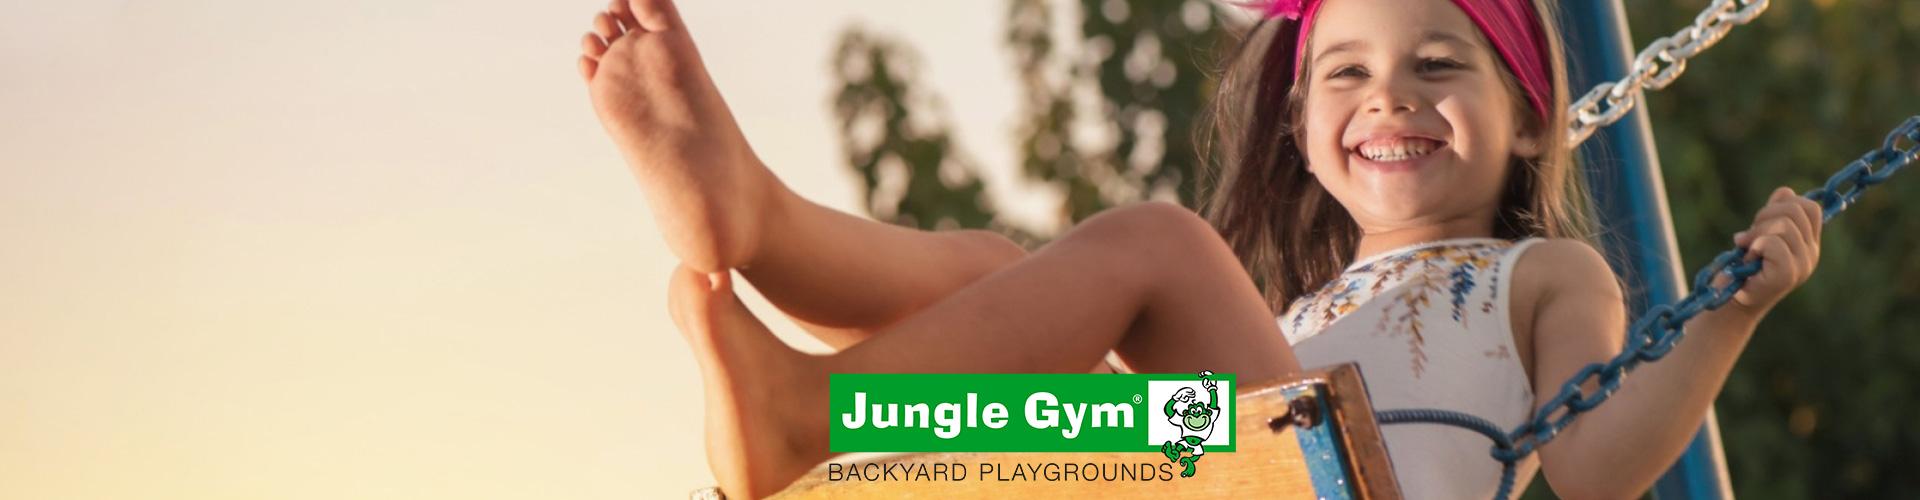 Jungle Gym | Dječja igrališta